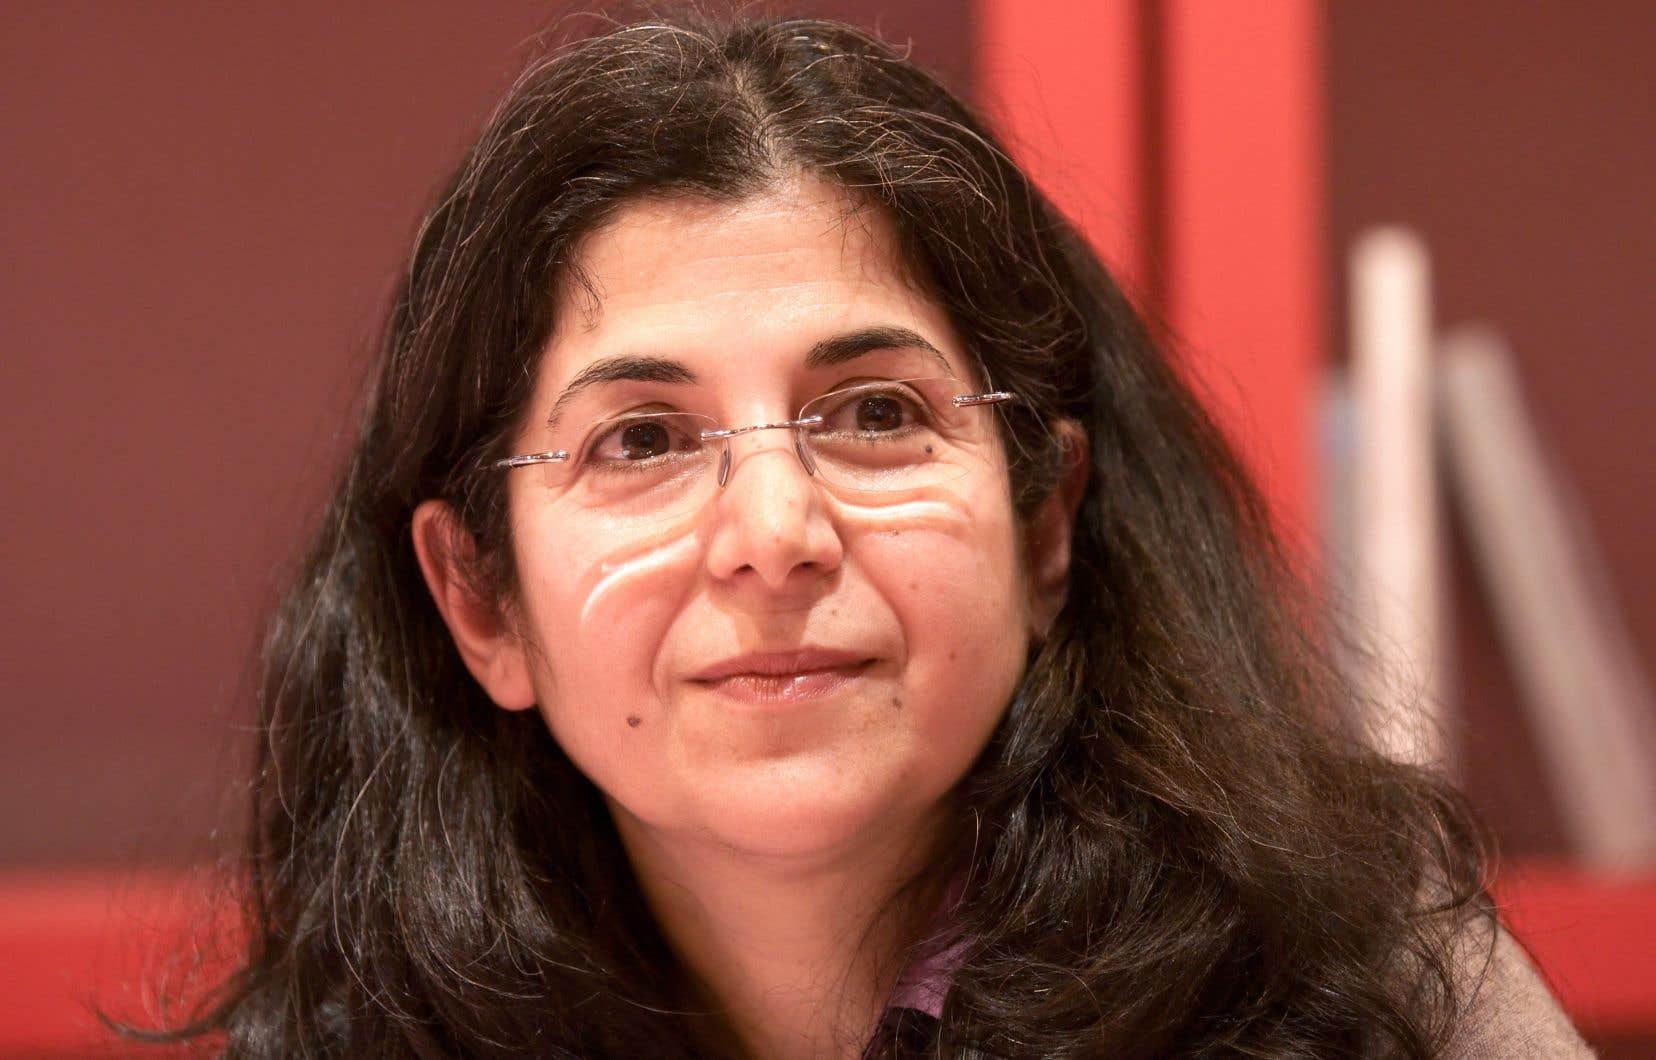 Fariba Adelkhah lors du Salon du livre de Paris, en 2010